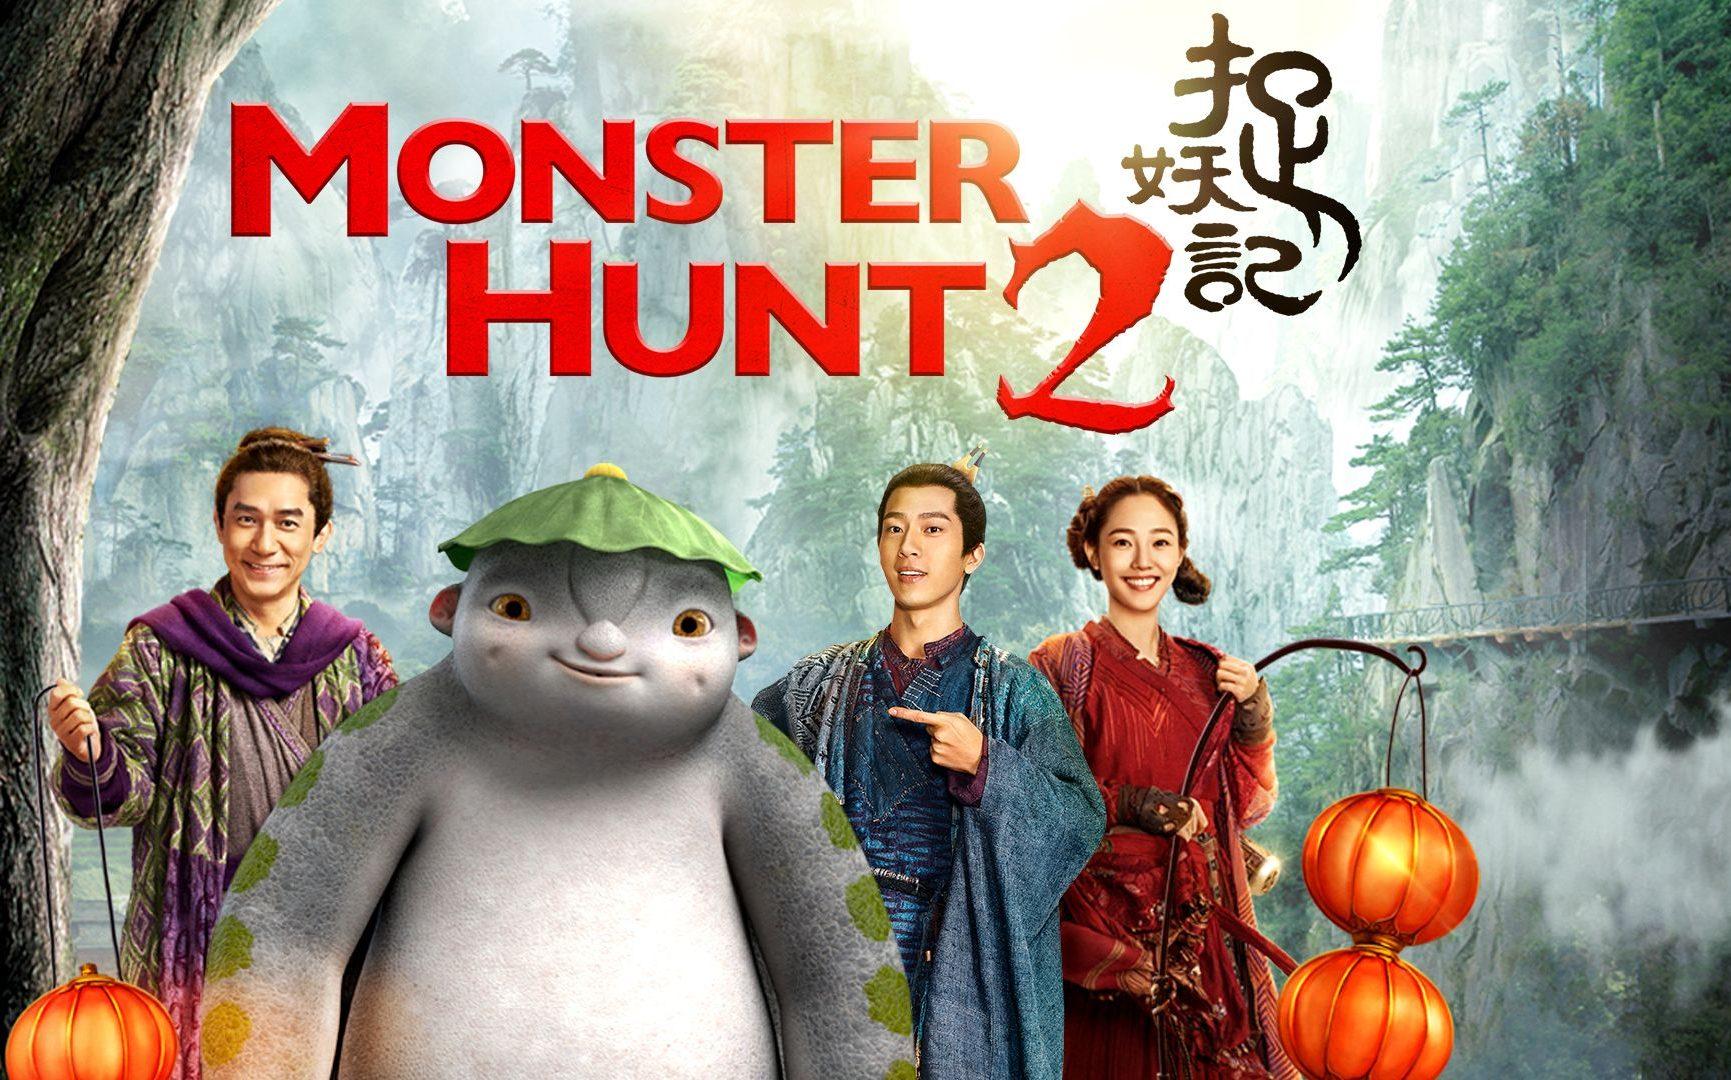 phim hành động trung quốc  Truy Lùng Quái Yêu 2 - Monster Hunt 2